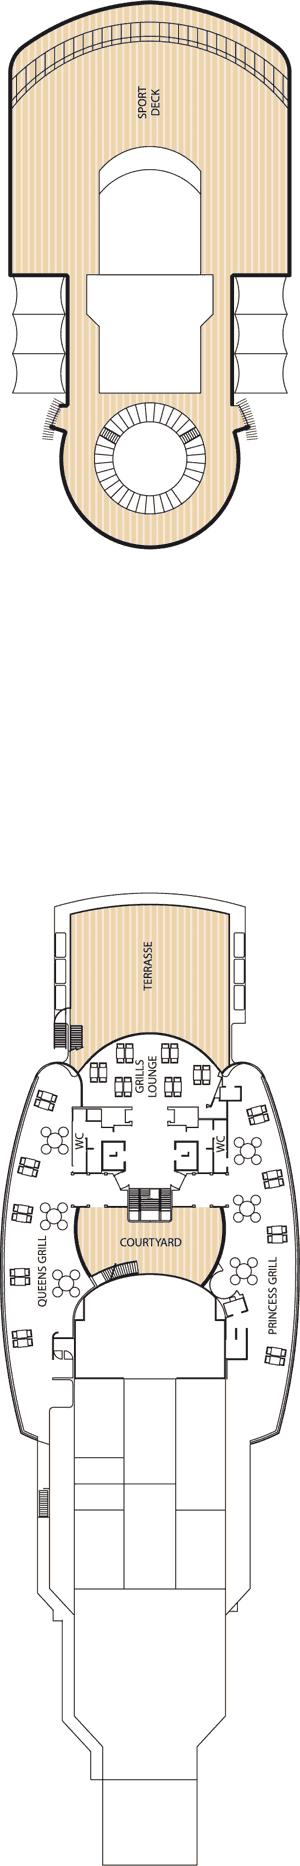 Queen Victoria - Deck 11